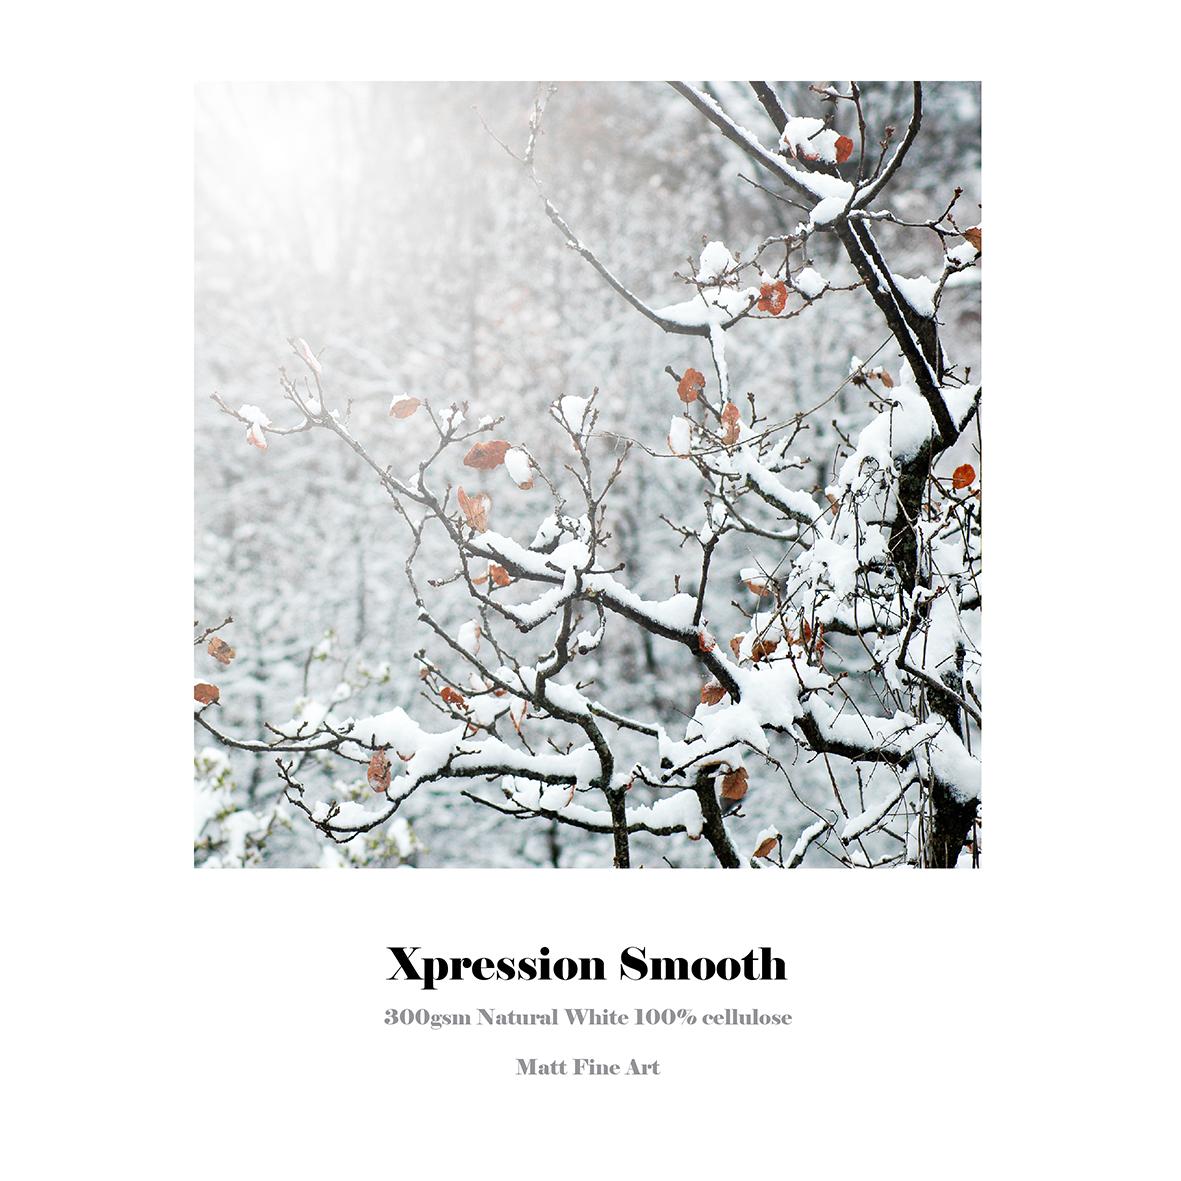 Xpression Smooth | 300gsm | natural White | 100% Cellulose | Matt Fine Art